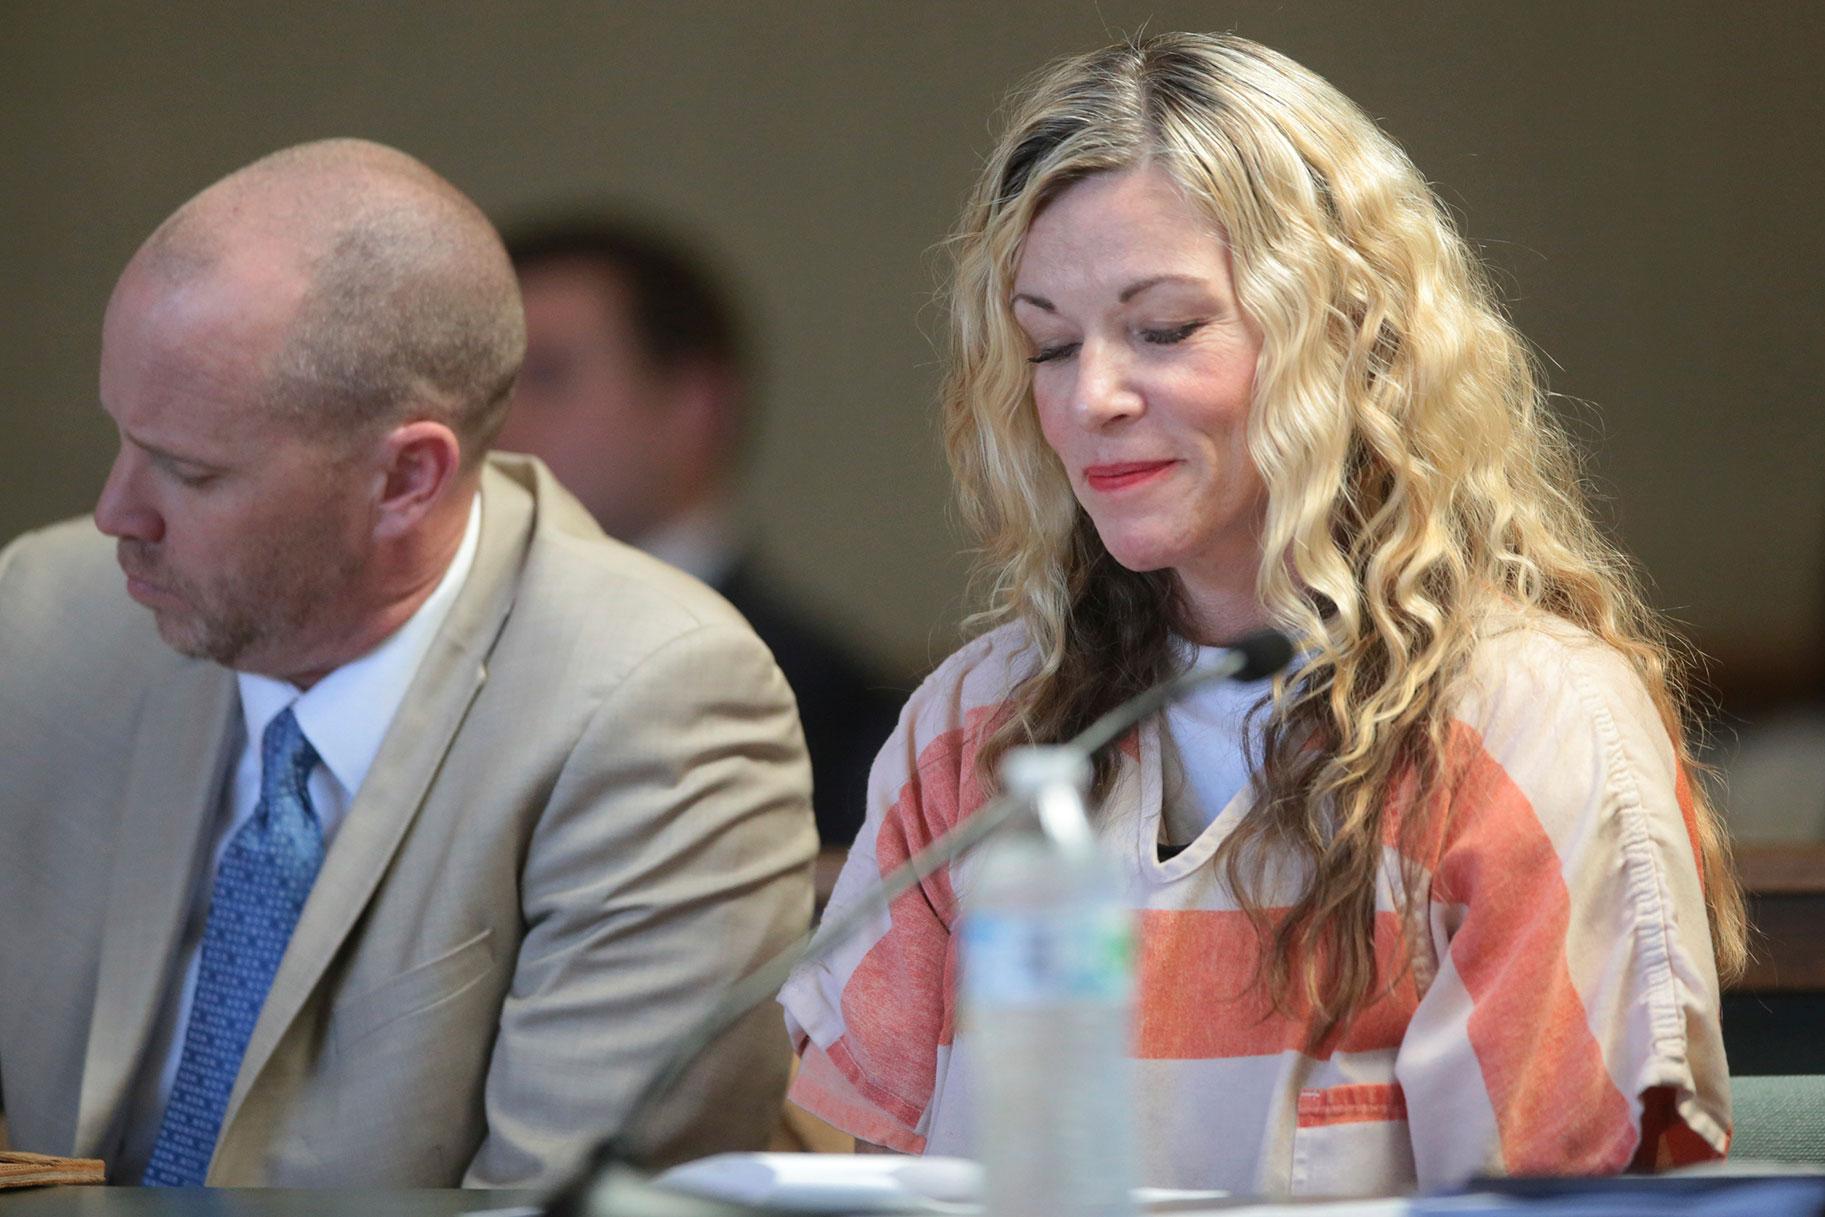 'Es tan increíble y aterrador', supuestamente el esposo de Lori Vallow le envió un mensaje de texto a un amigo meses antes de que lo mataran a tiros